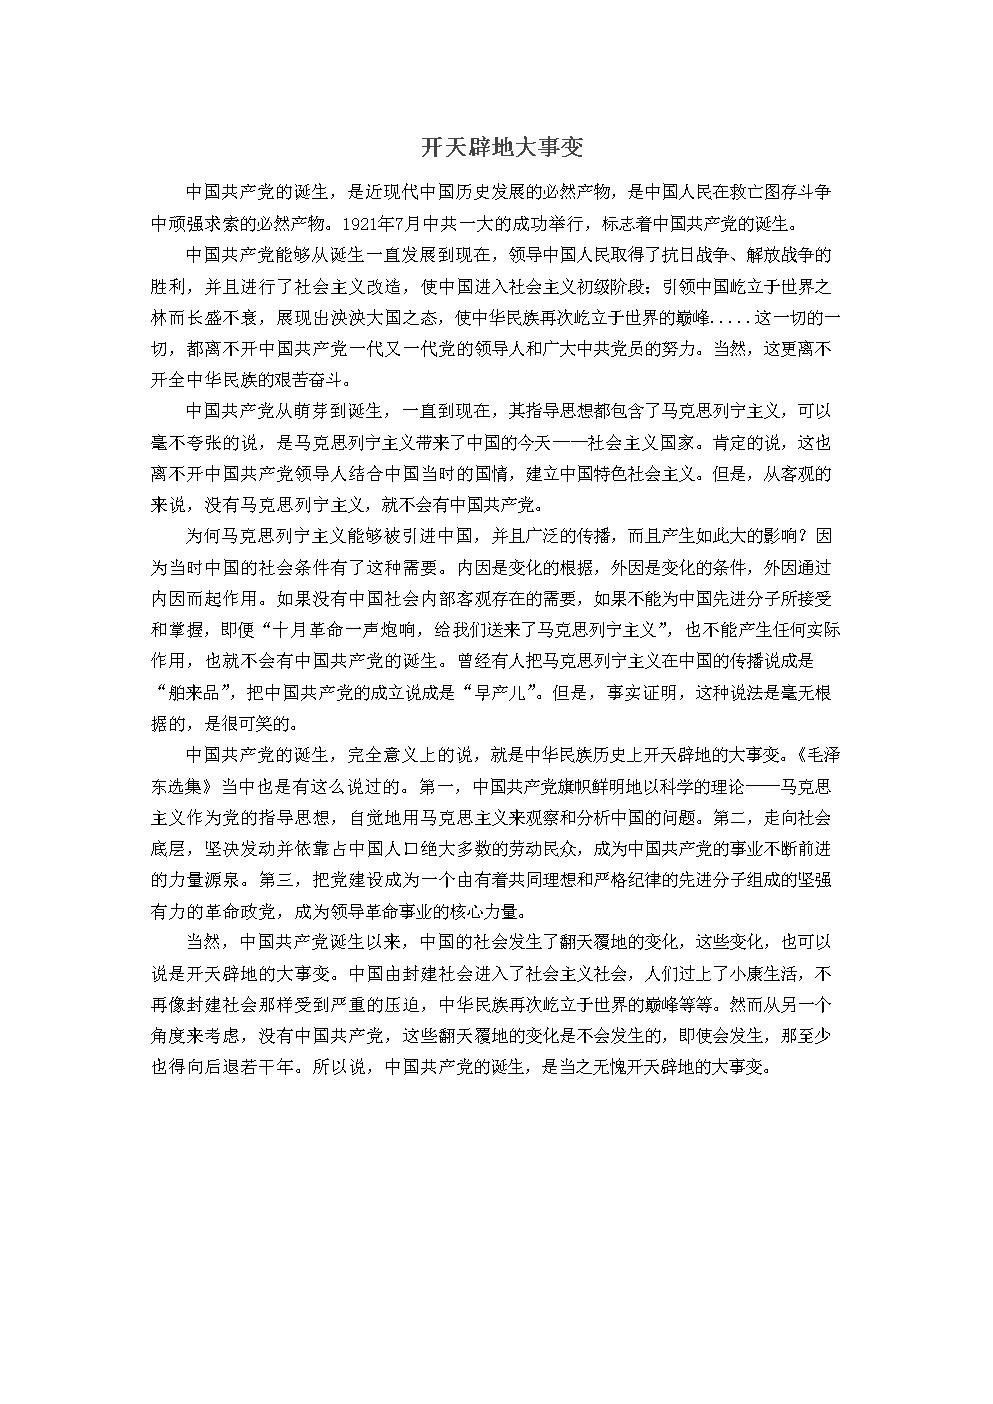 《開天辟地大事變》近代史論文.doc